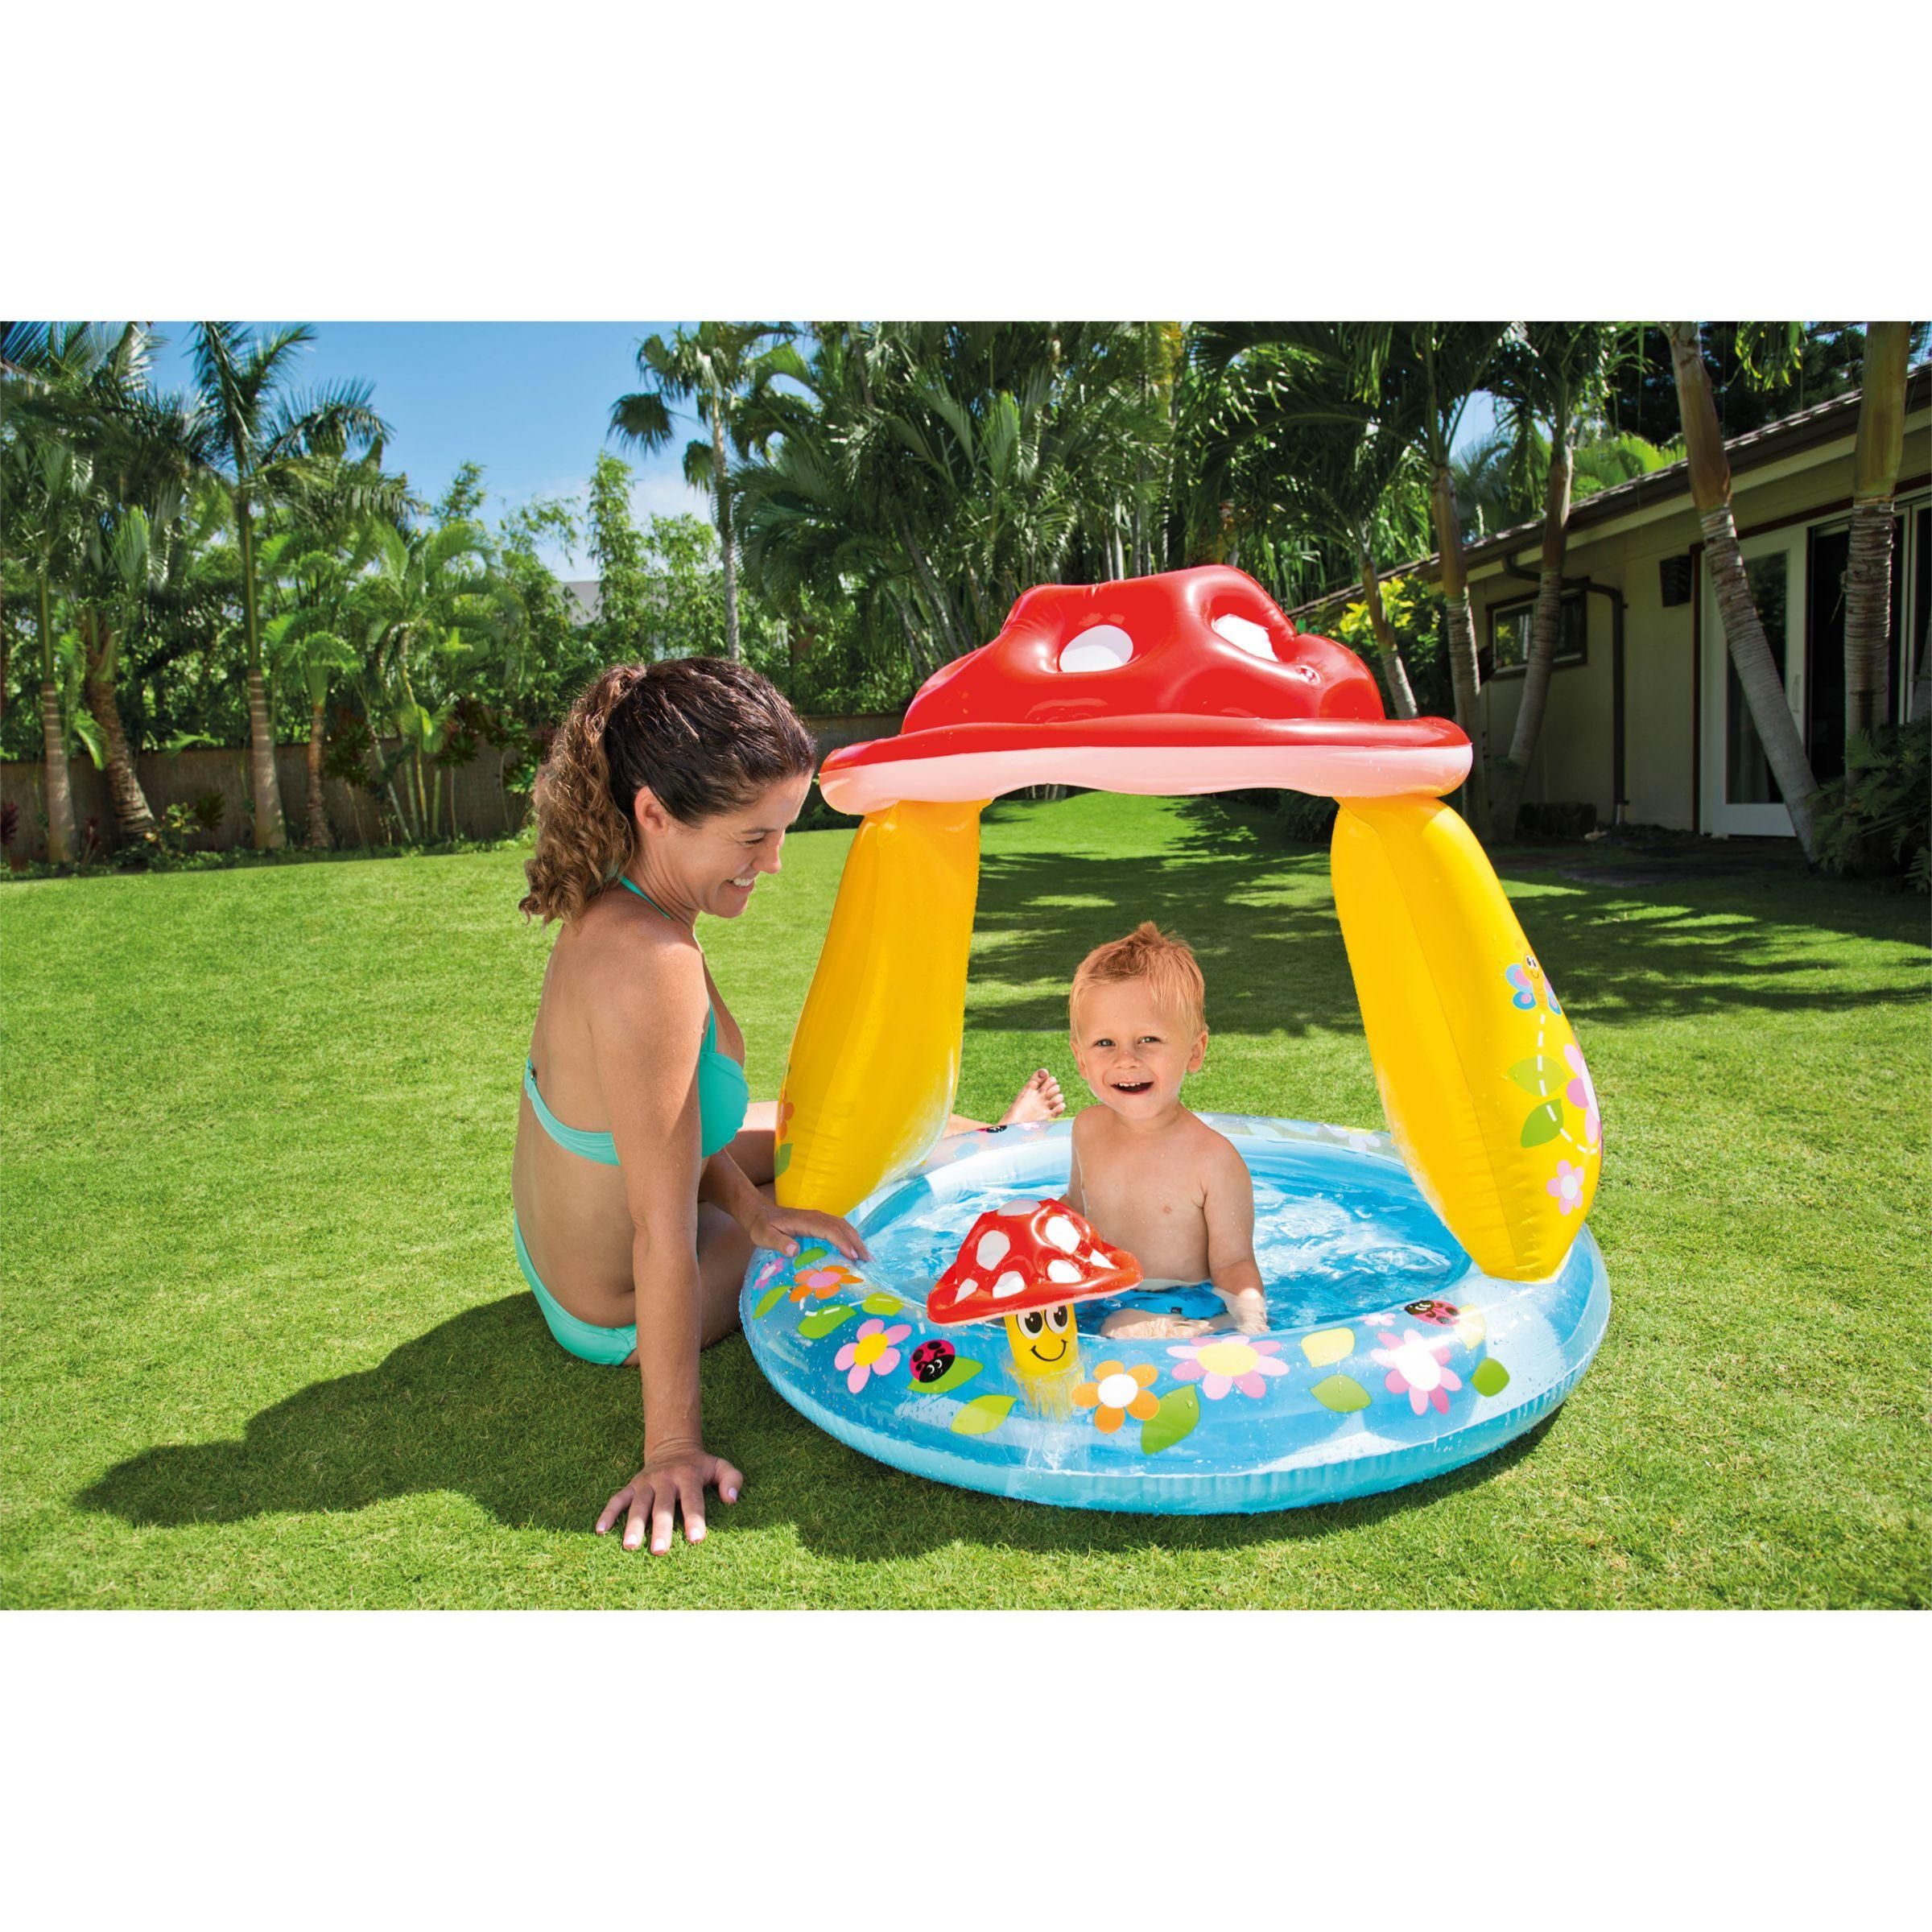 Intex Intex Mushroom Baby Pool